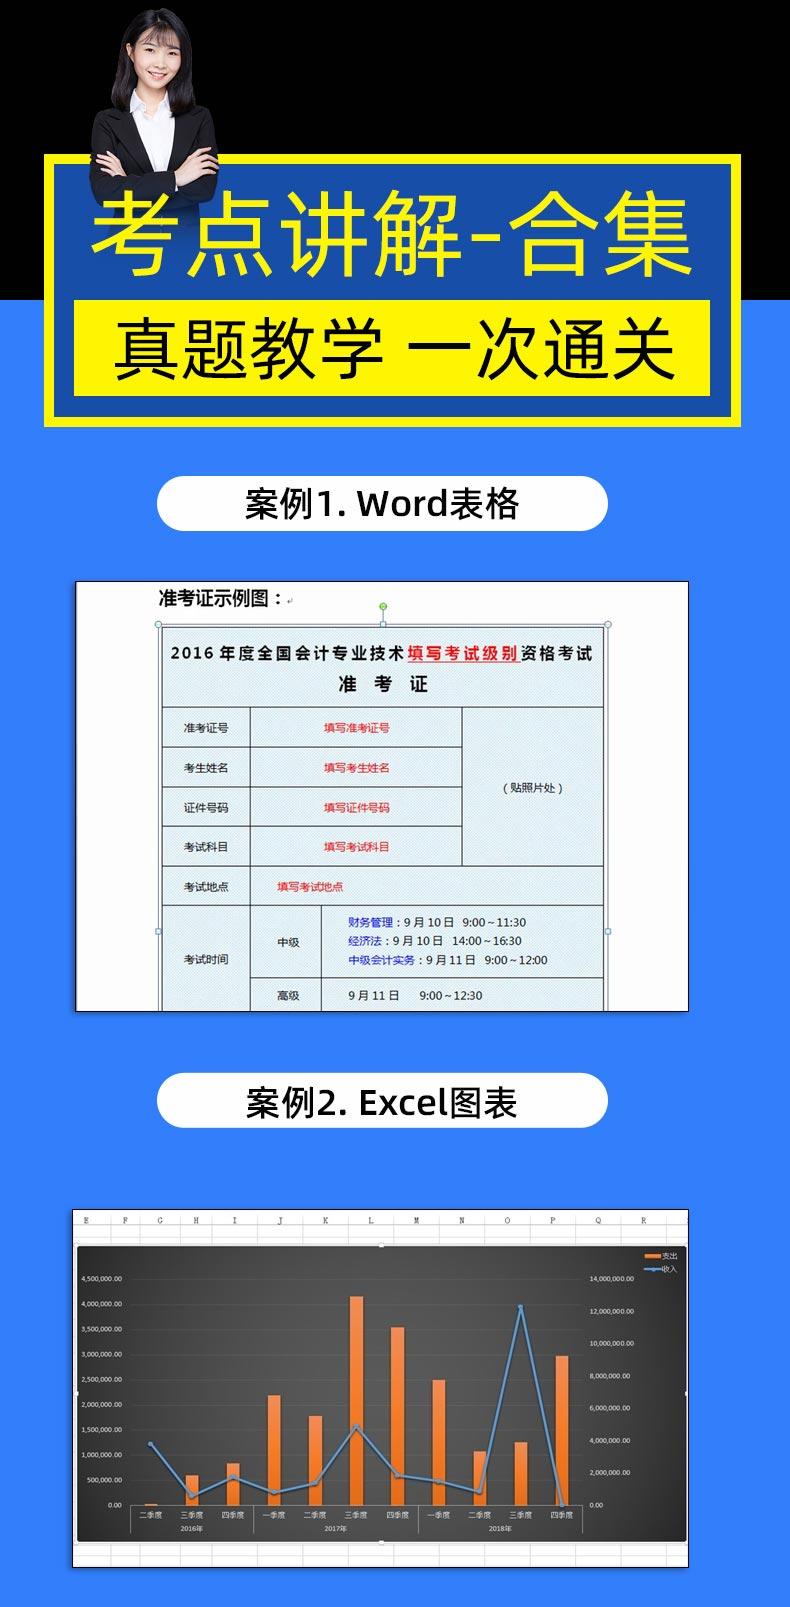 计算机三级报名时间_2020年9月全国计算机等级考试报考时间-四川-考无忧网校